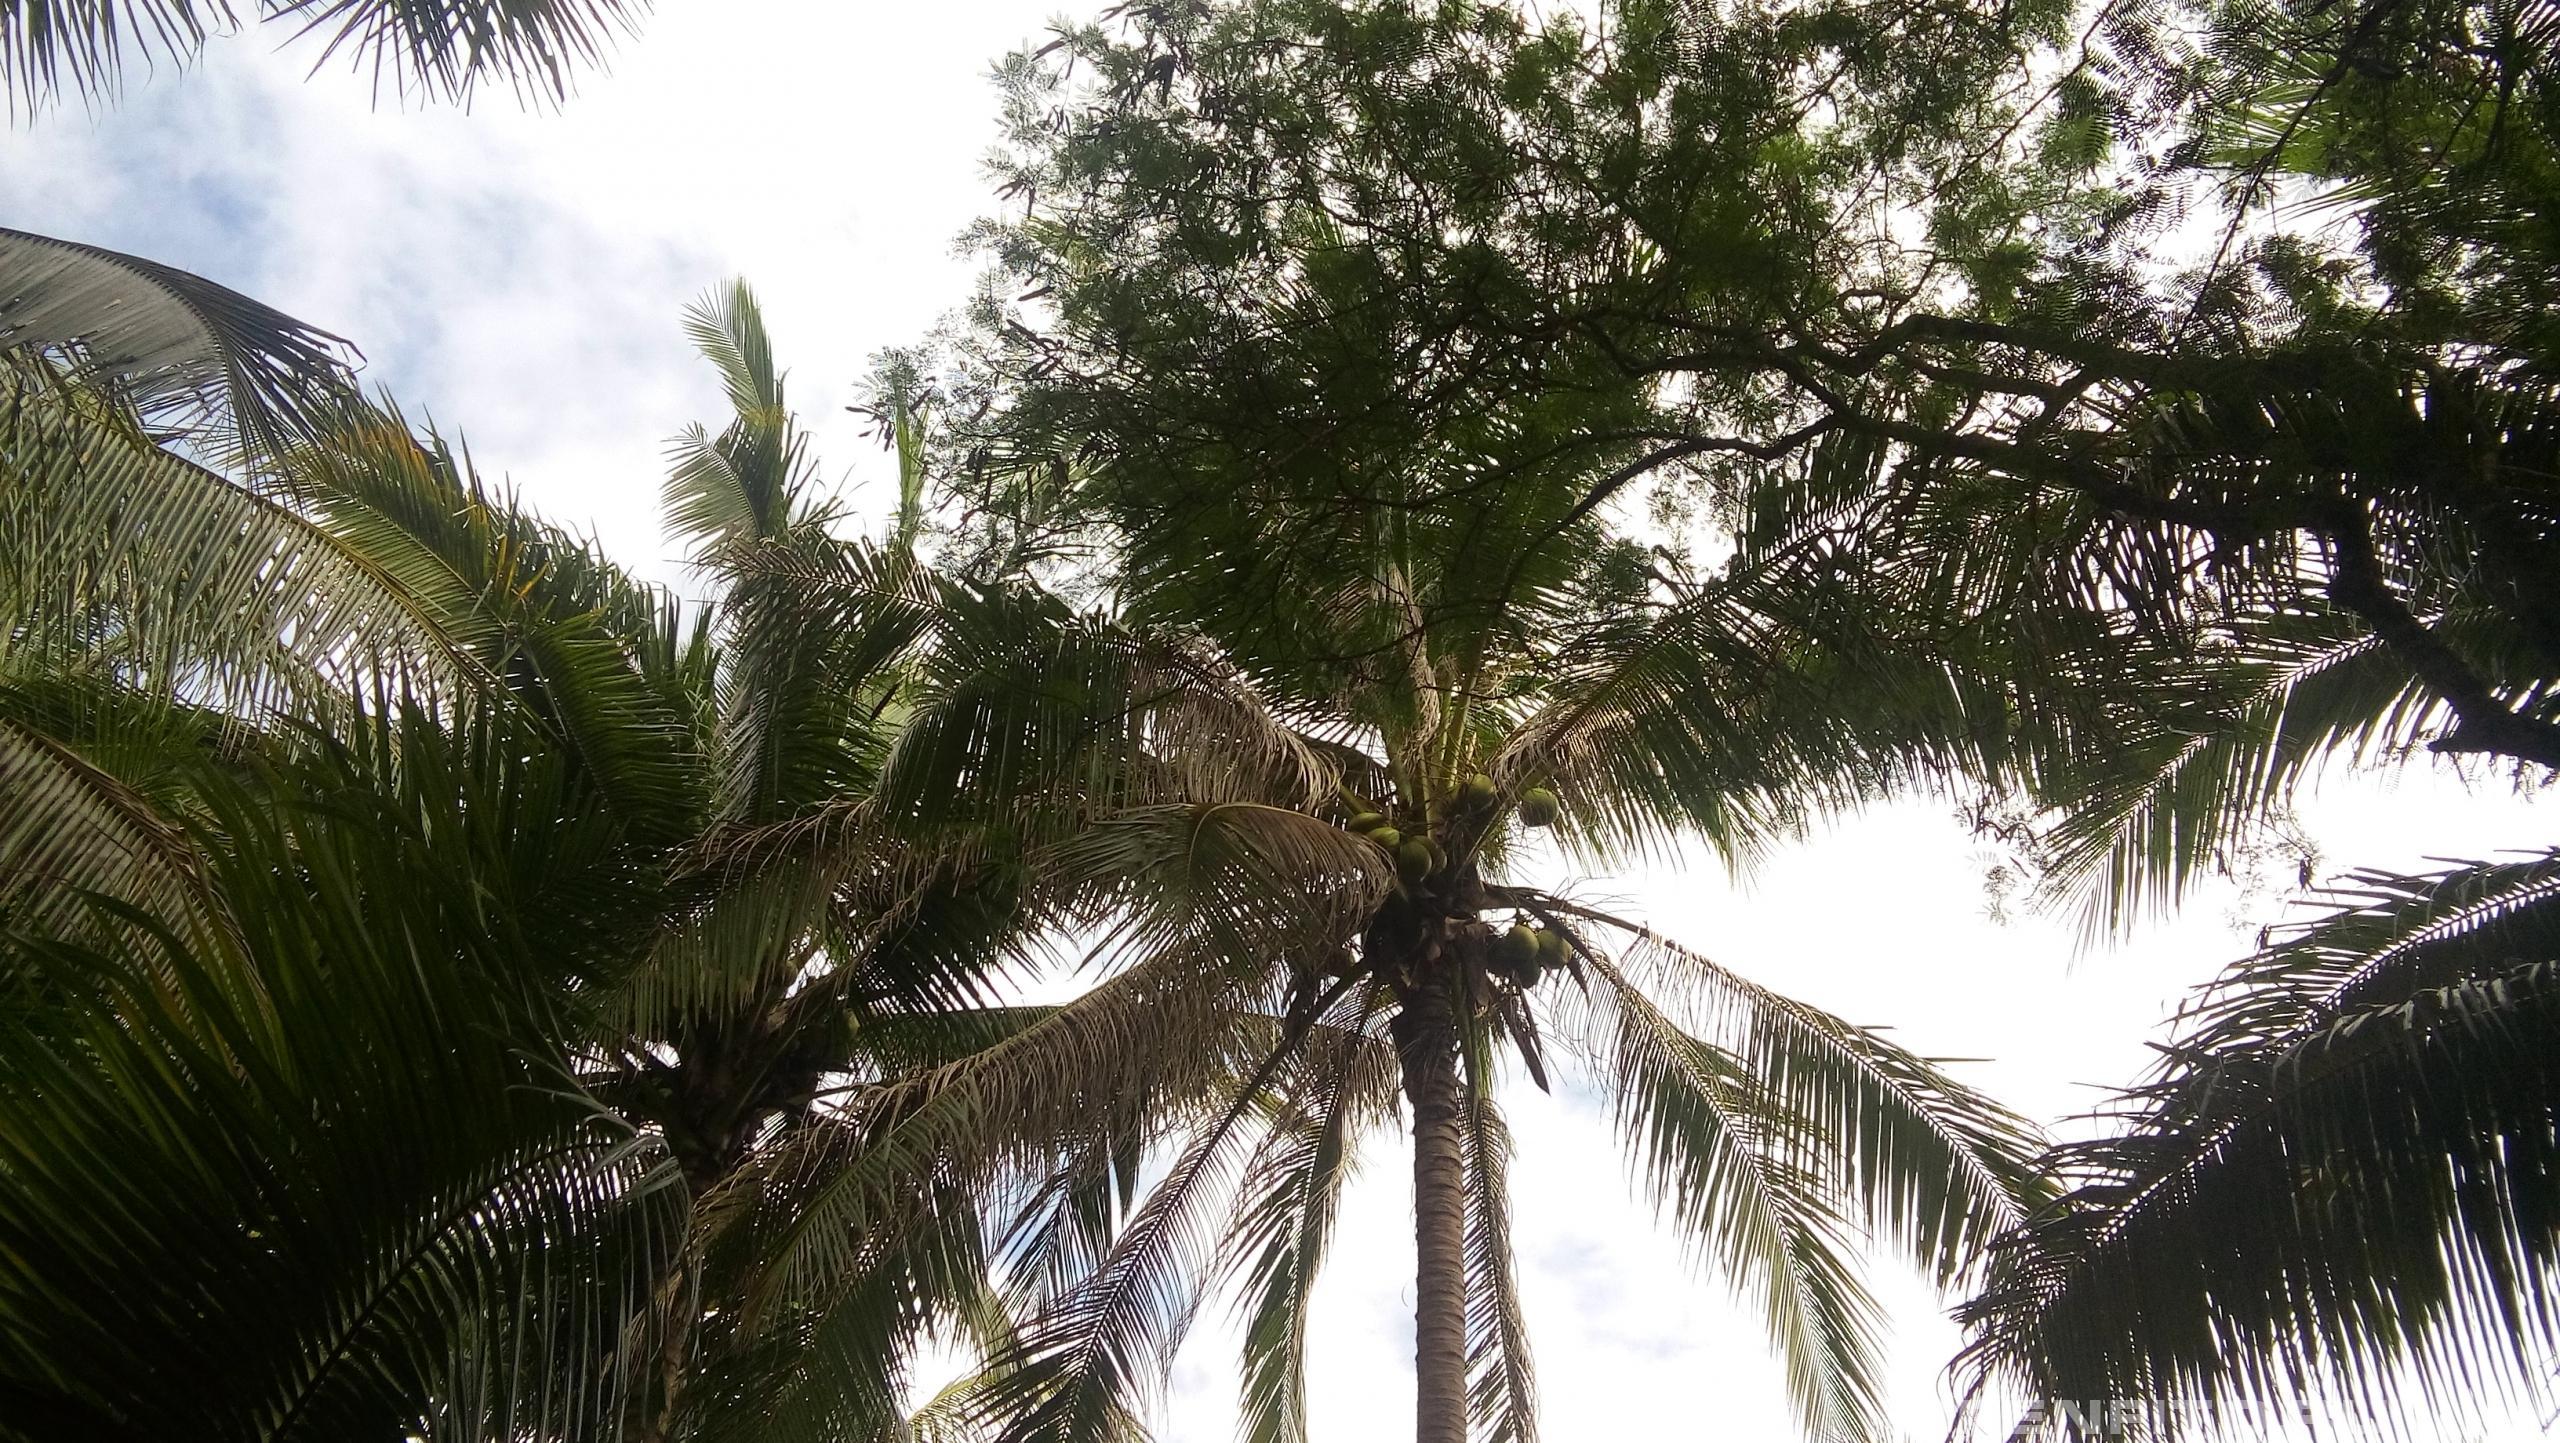 Кокос орехоносный дикорастущее растение